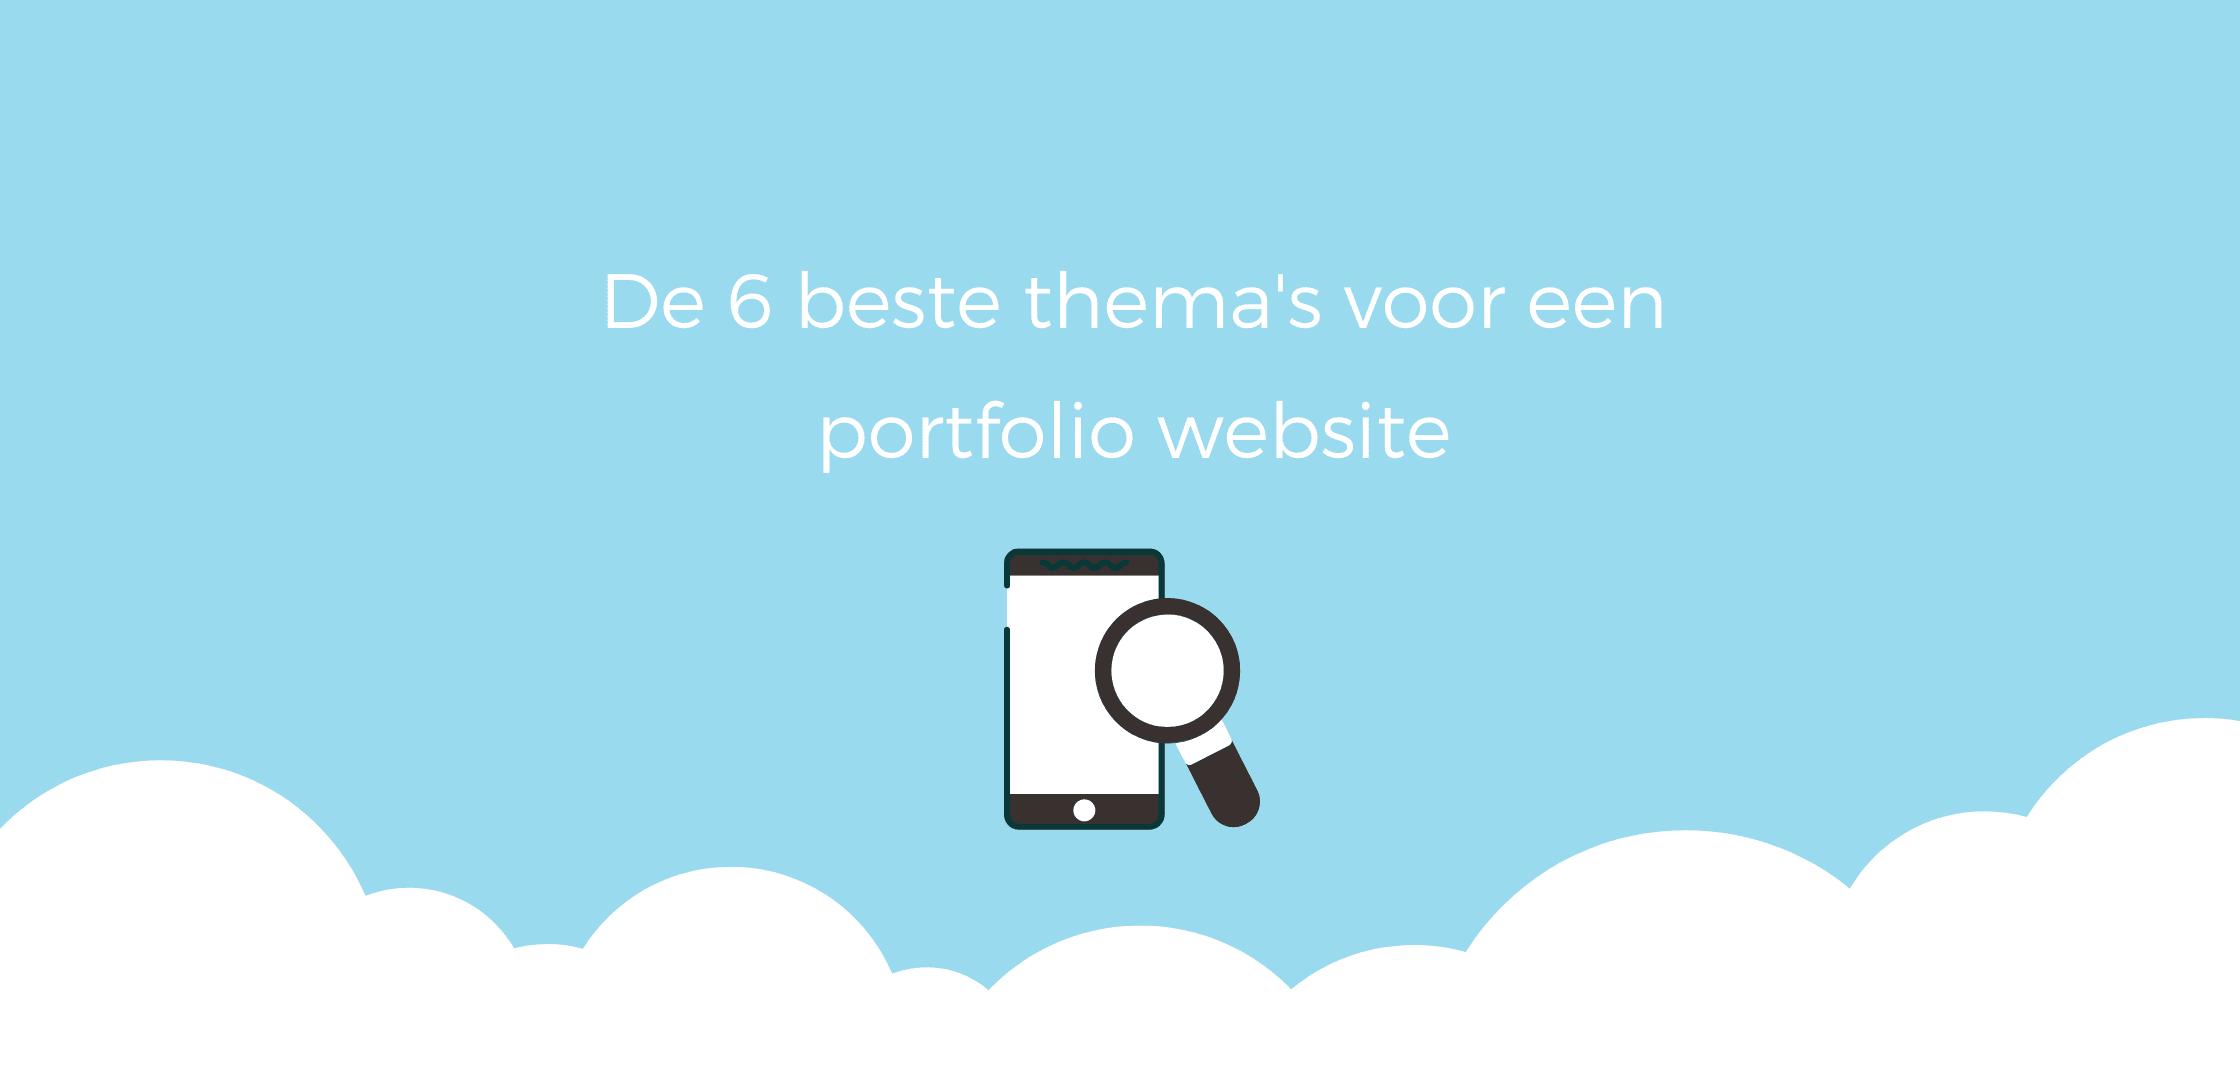 Beste-themes-voor-een-portfolio